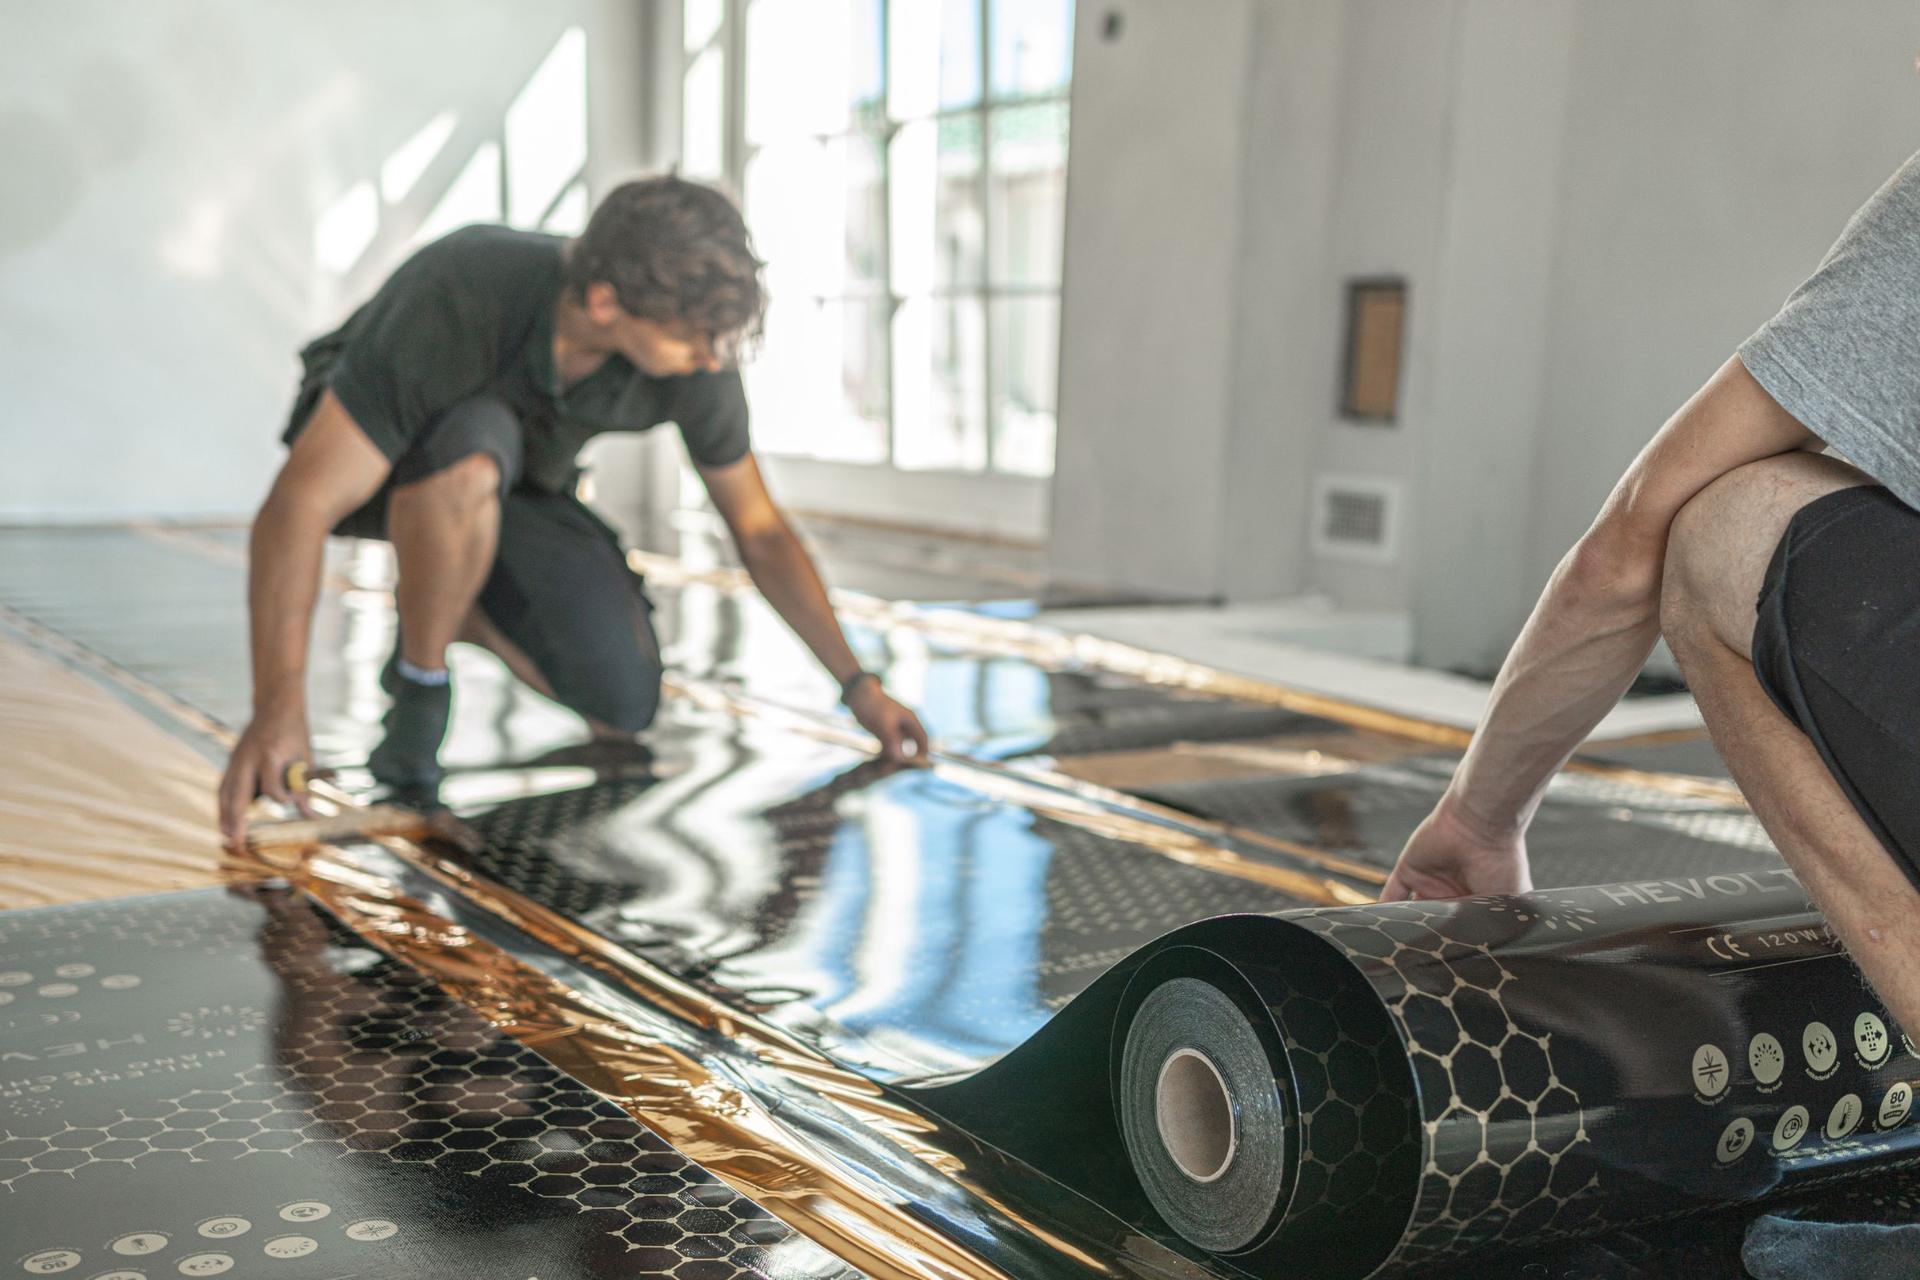 HEVOLTA - Inštalácia infračerveného podlahového kúrenia NanoCloth - Inštalácia NanoCloth